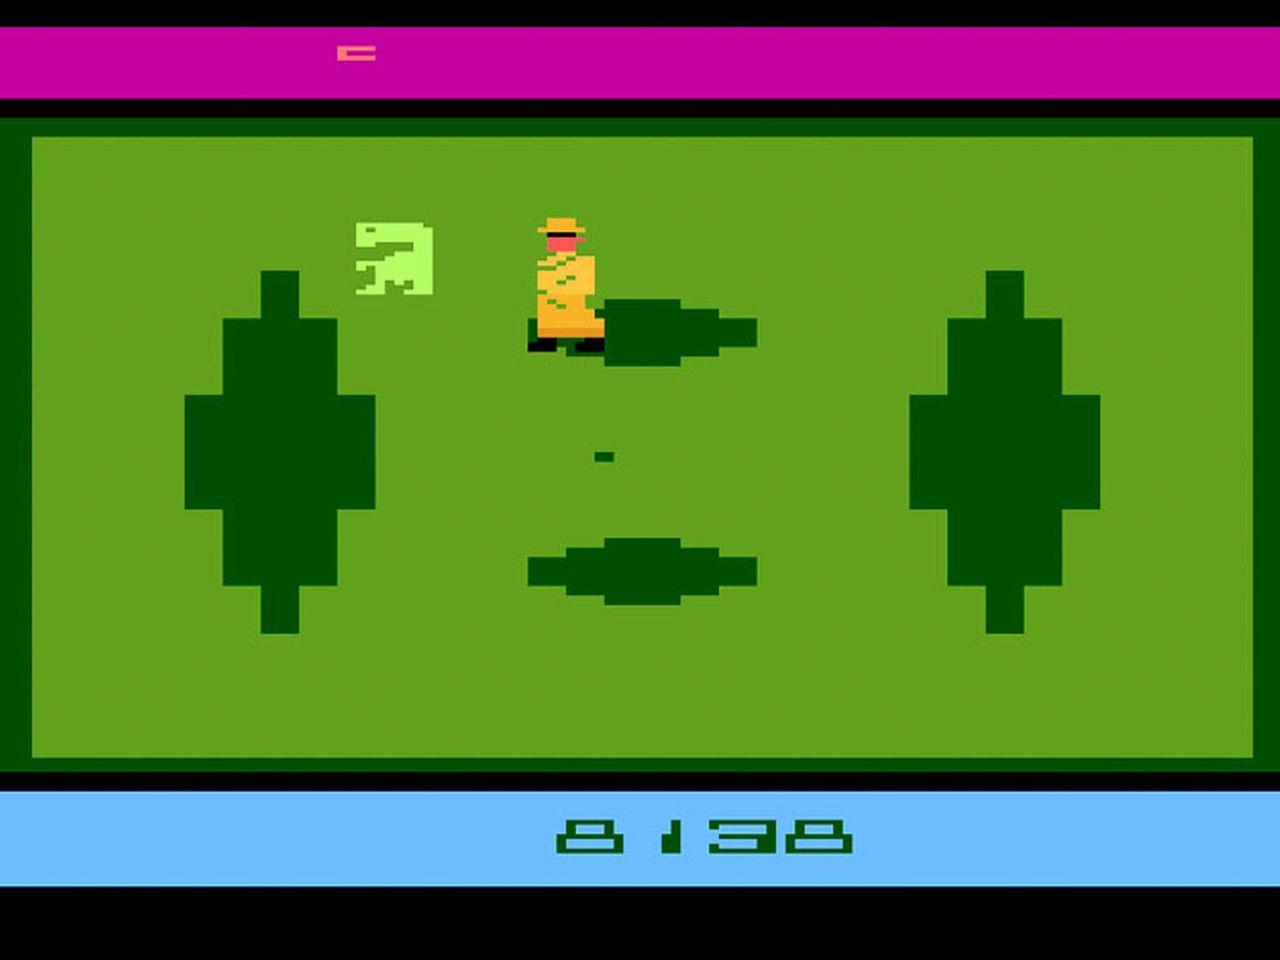 Atari verkar vilja göra större spel igen